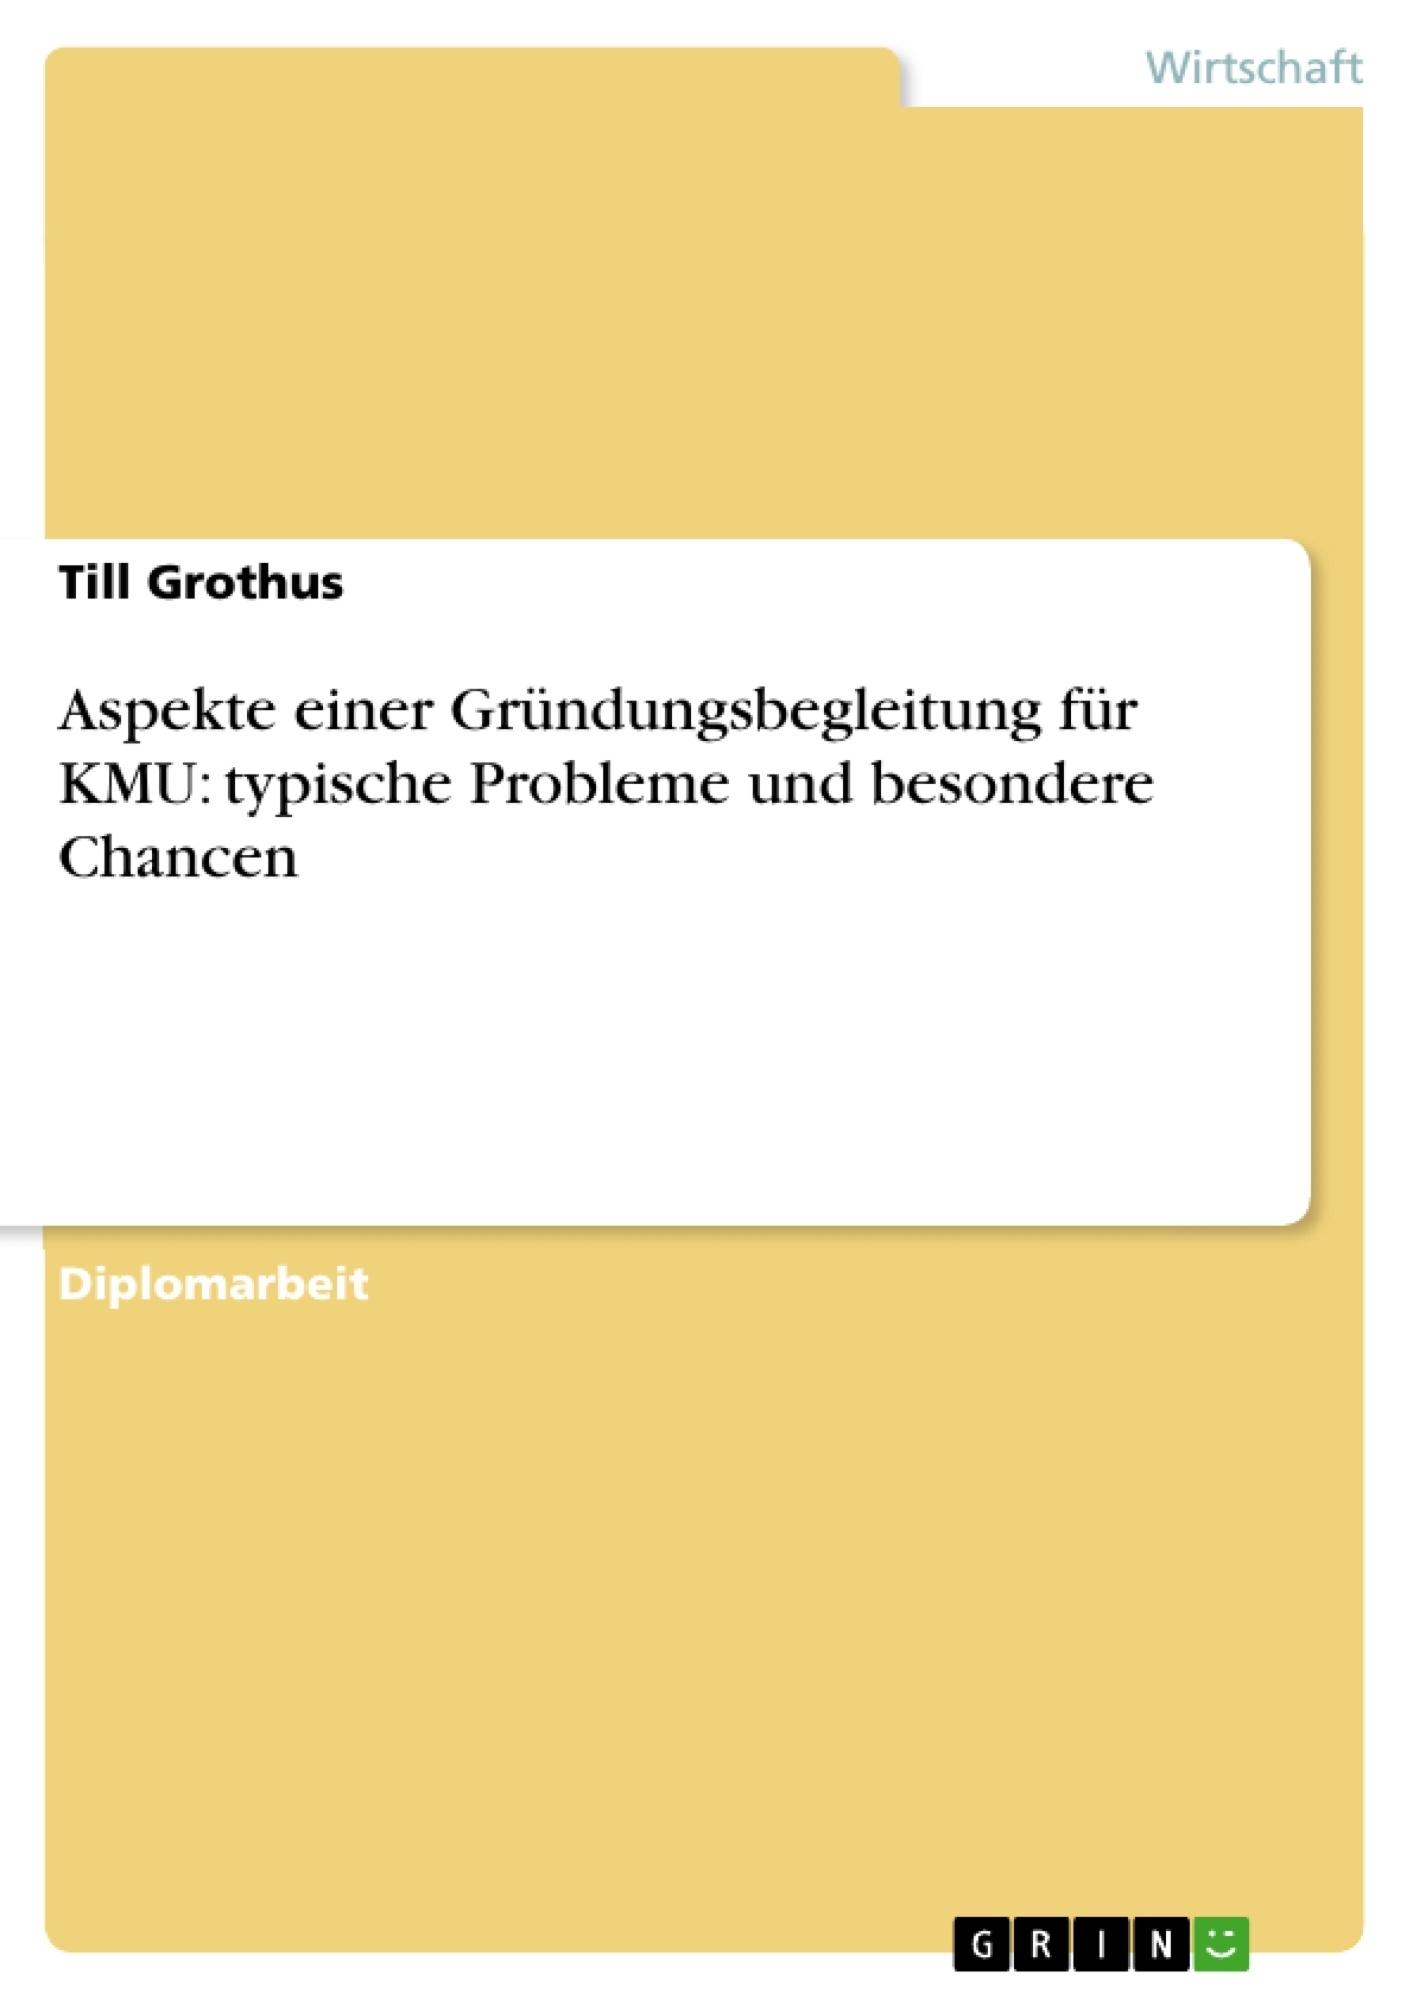 Titel: Aspekte einer Gründungsbegleitung für KMU: typische Probleme und besondere Chancen